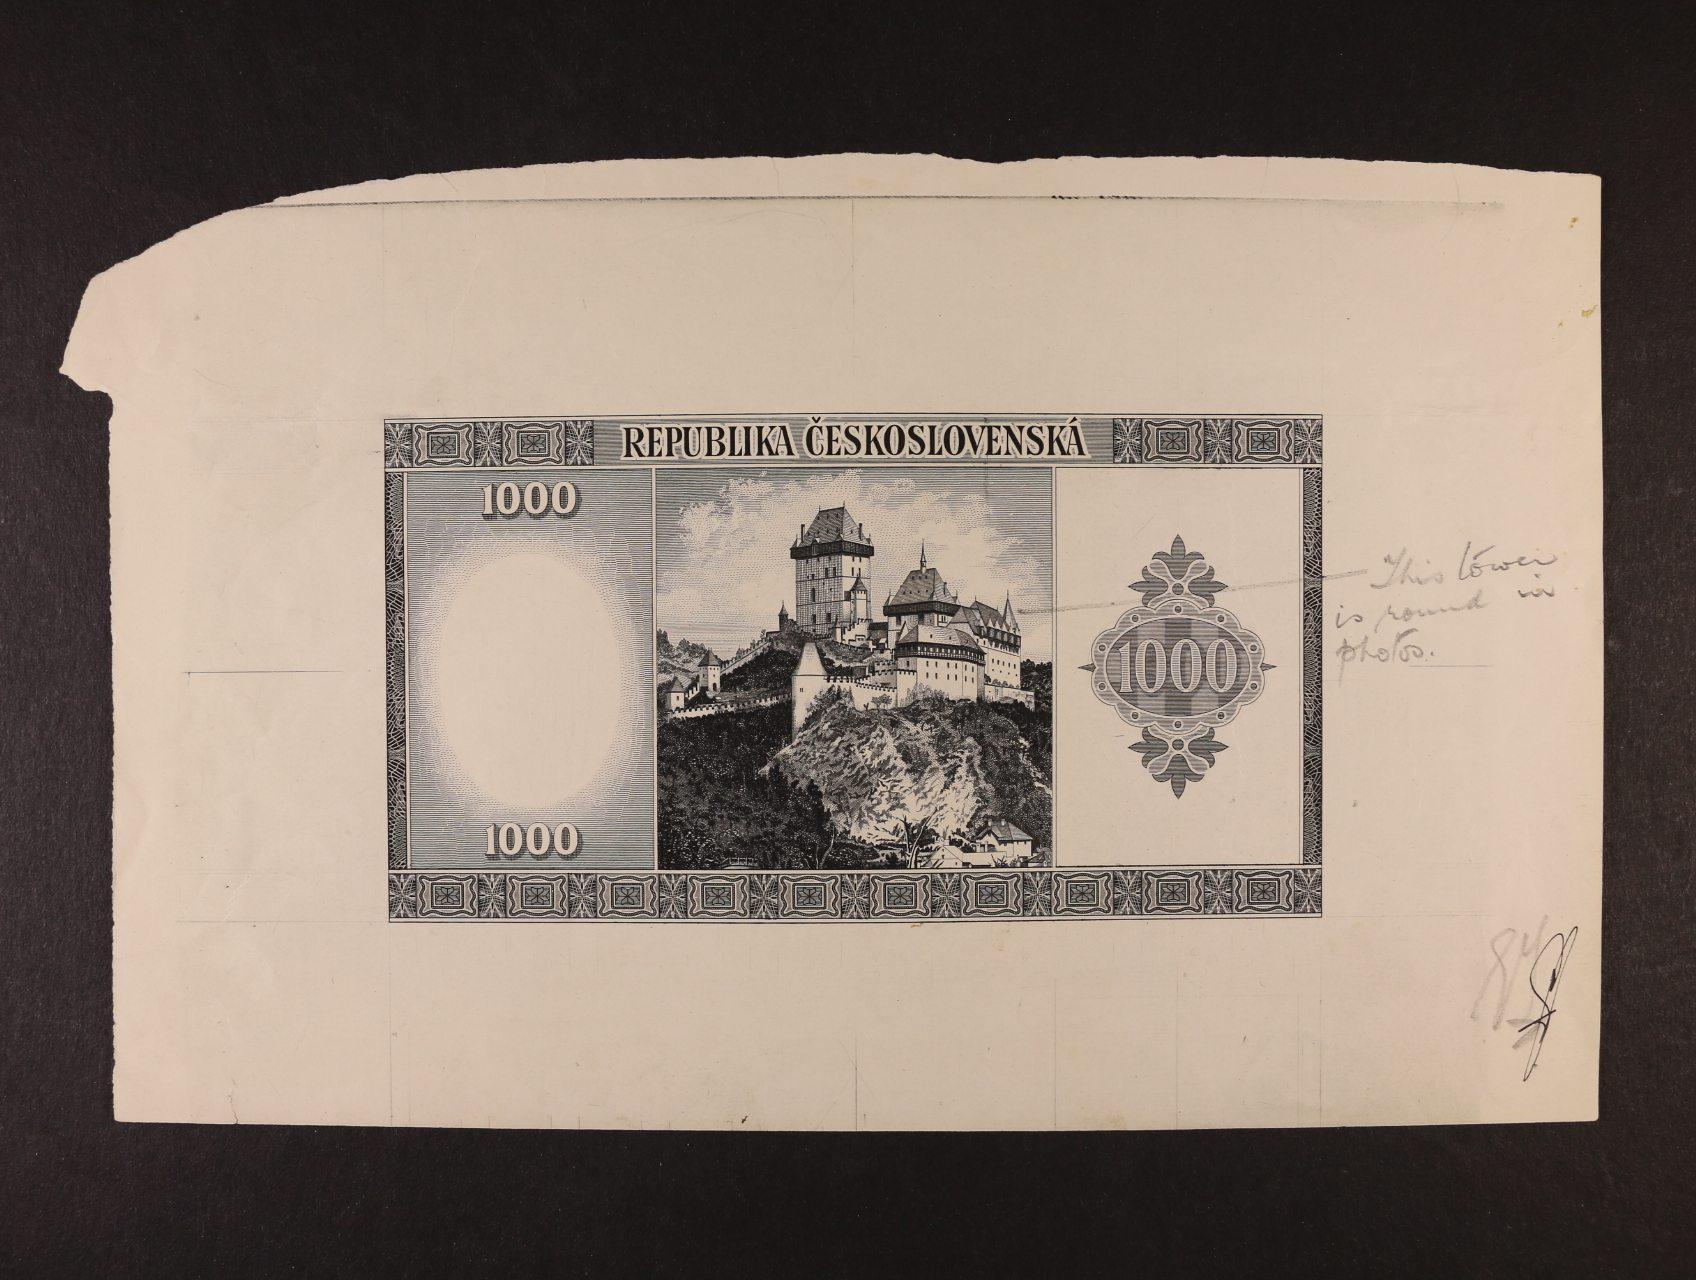 1000 Kčs 1945 jednostranný nátisk rubové strany bez podtisků na křídovém papíře velkého formátu, schvalovací poznámky a podpisy, Ba. 76, zajímavý dokument